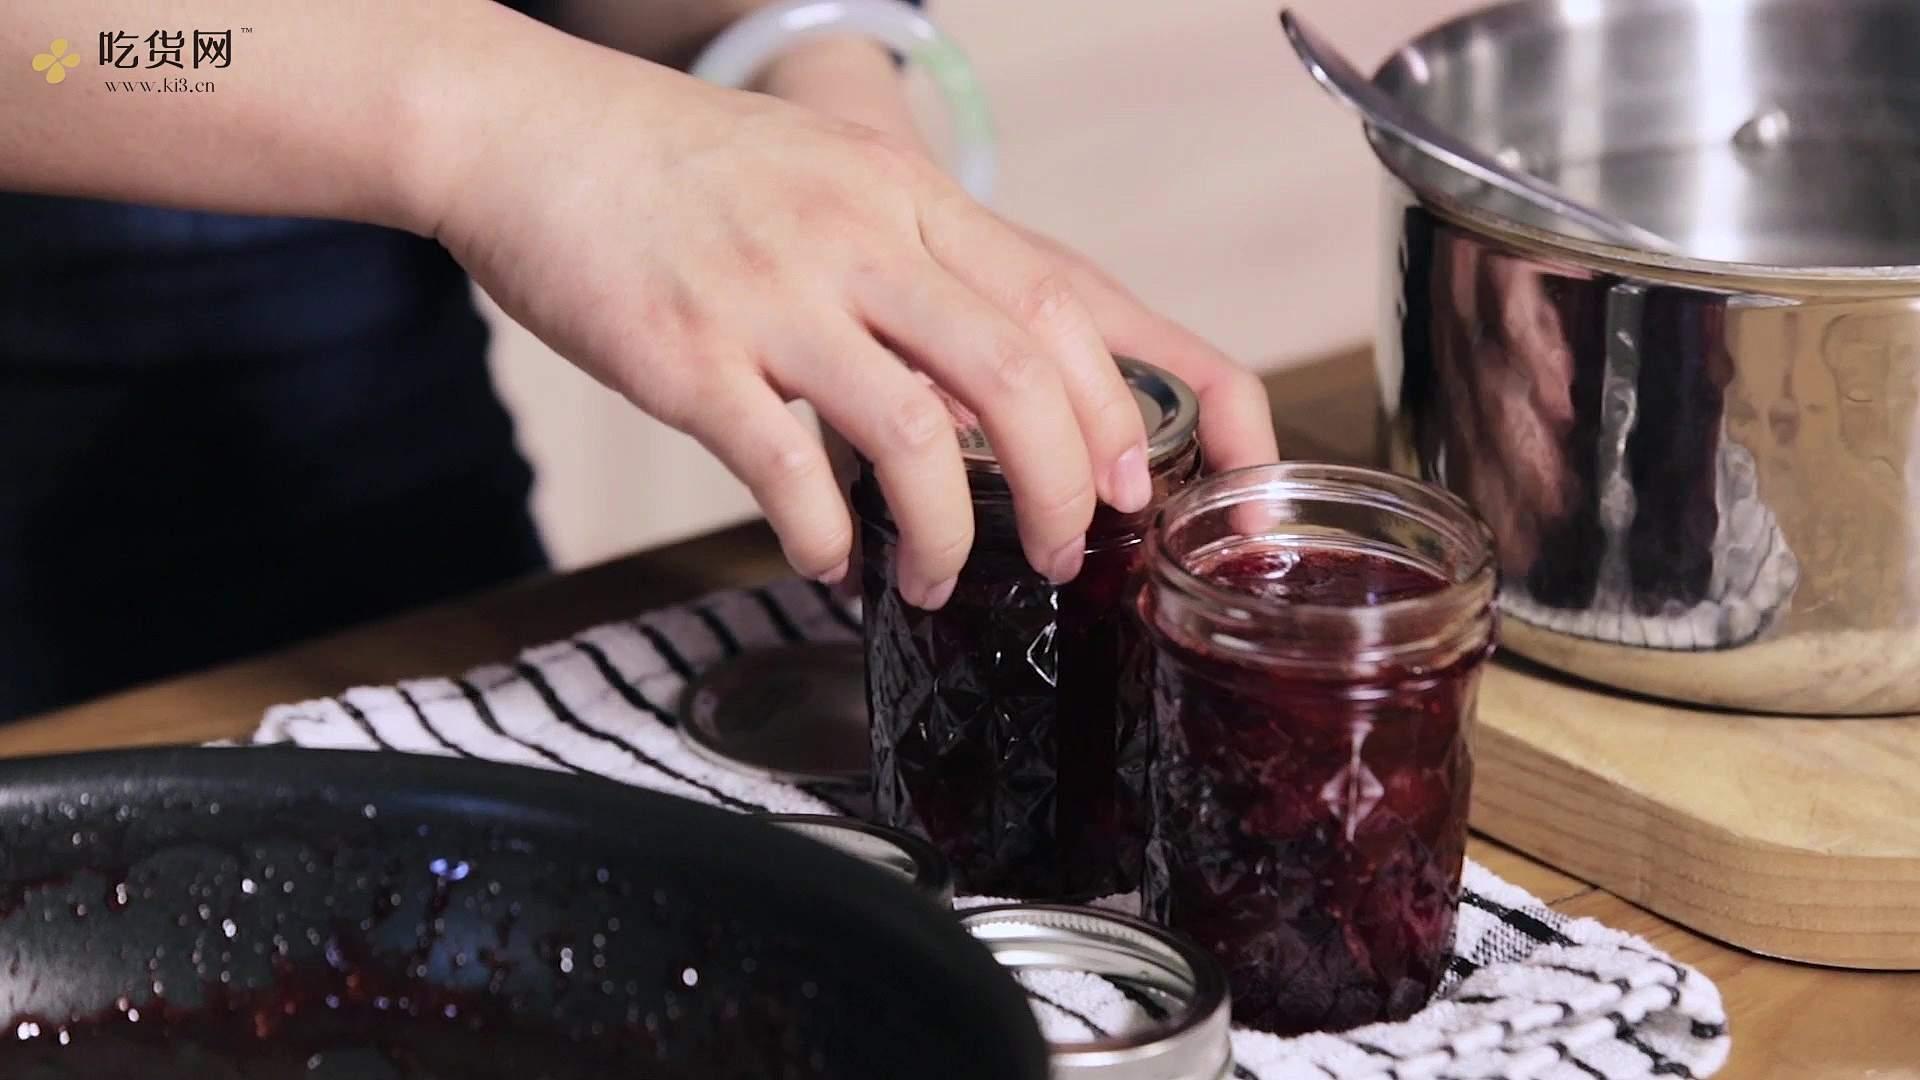 【曼达小馆】下午茶系列:超大大大颗的草莓果酱的做法 步骤12